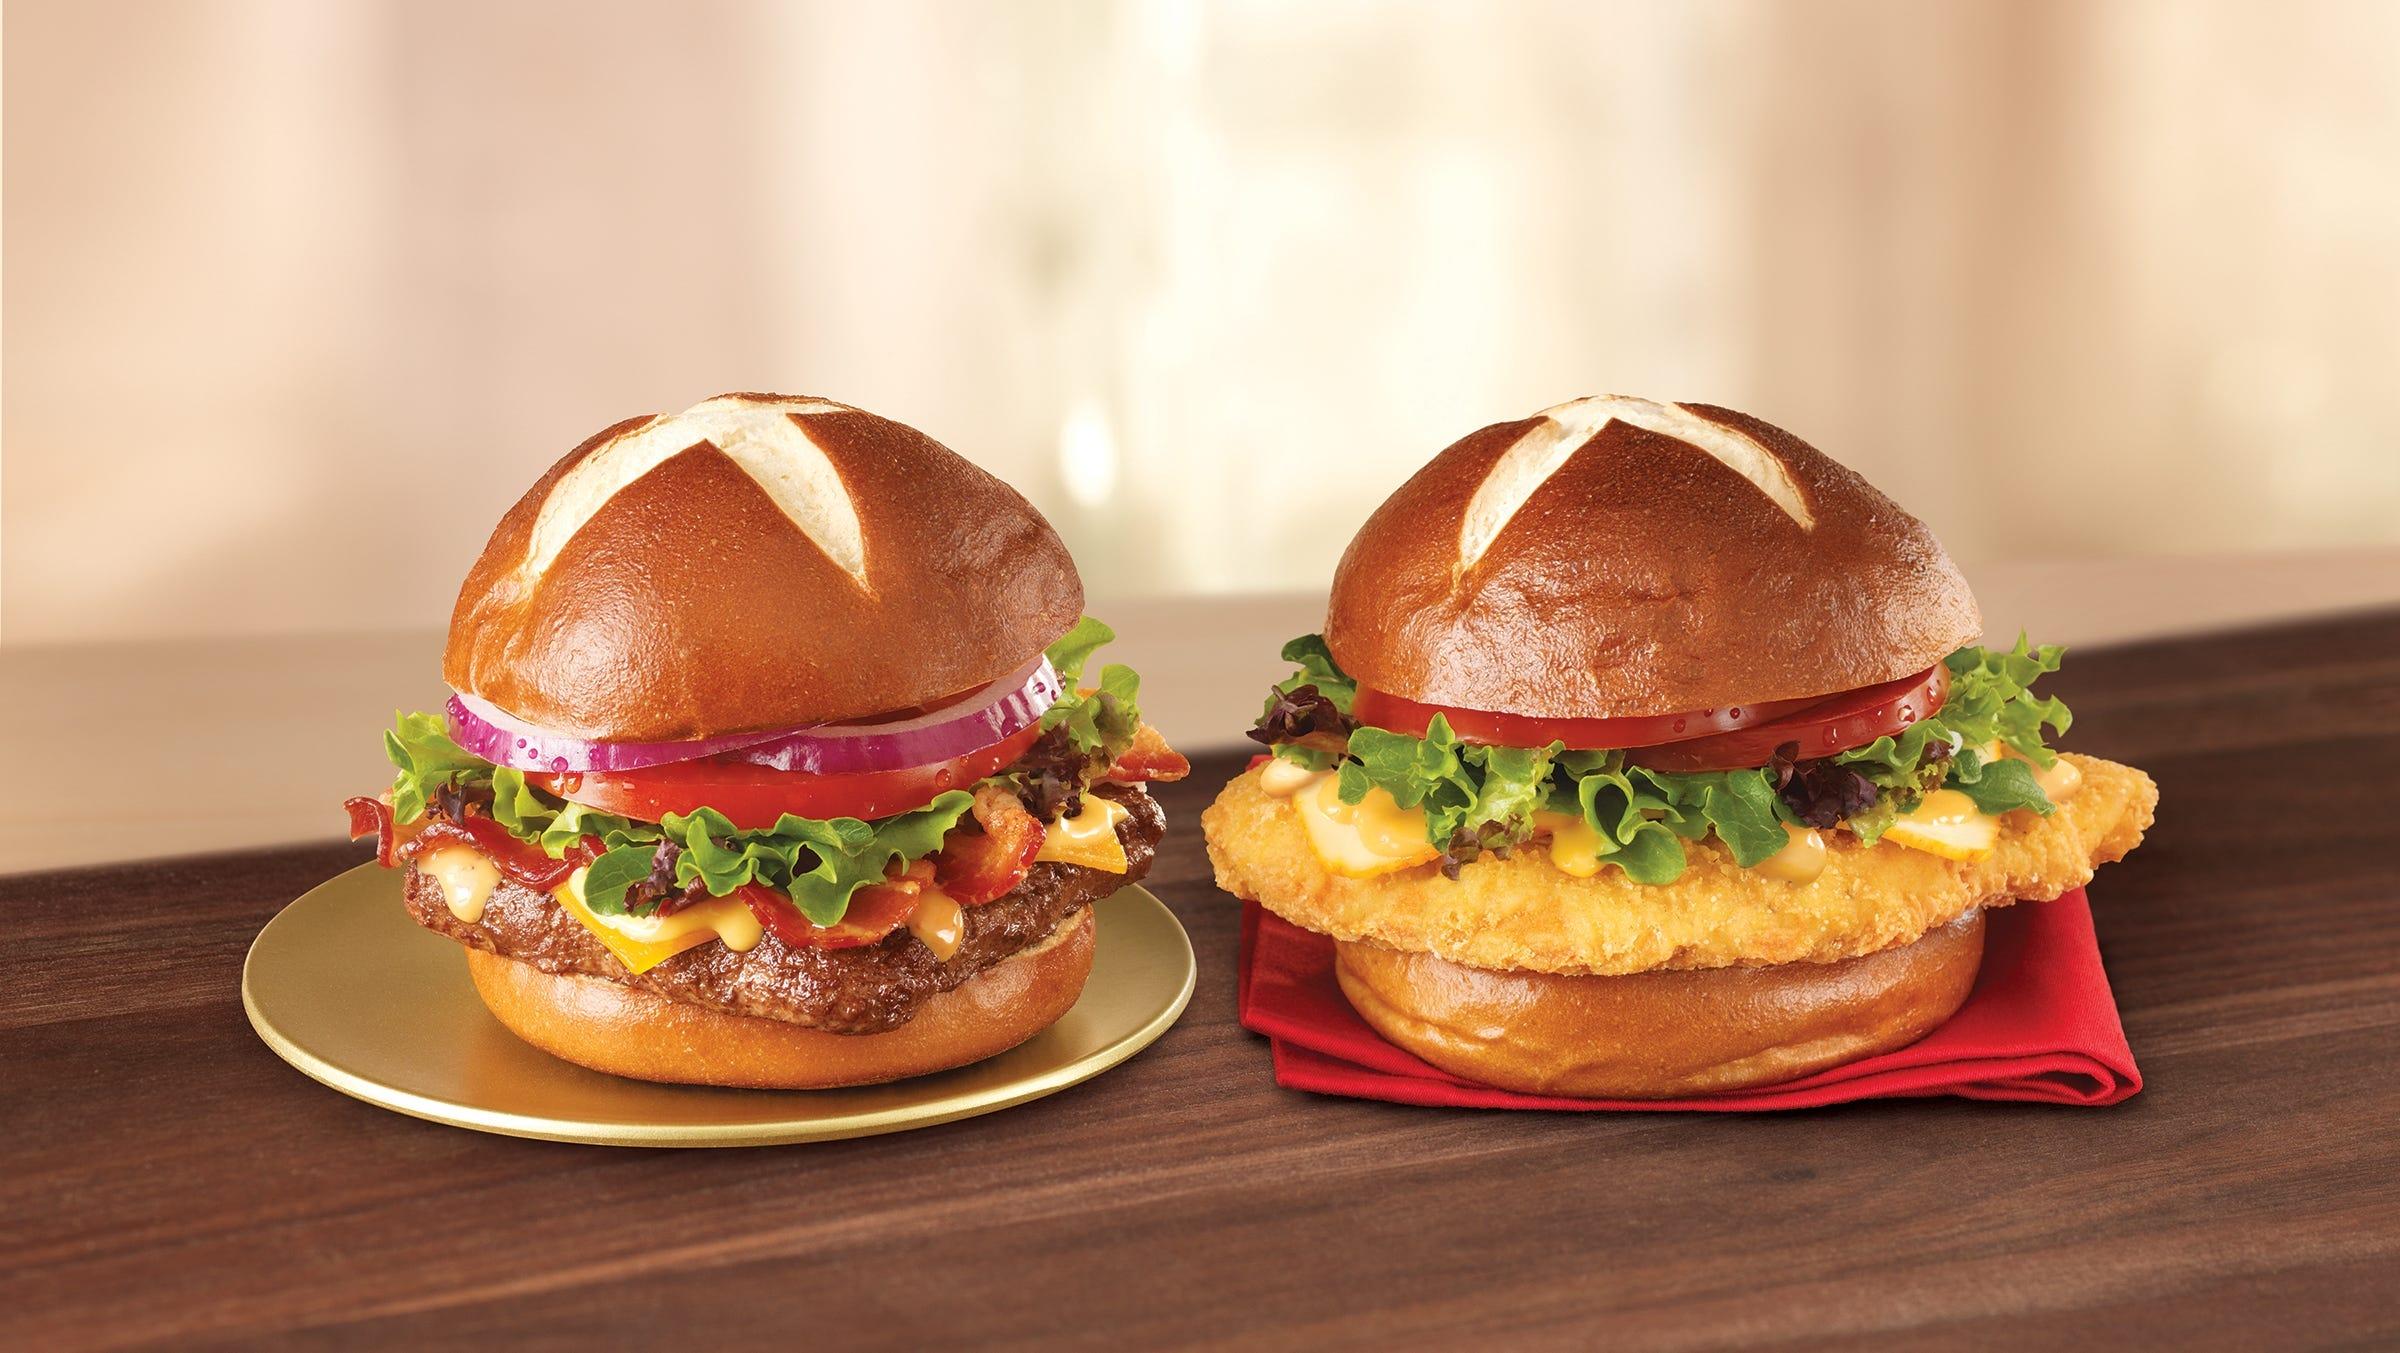 Wendy S Pretzel Burger Makes A Comeback